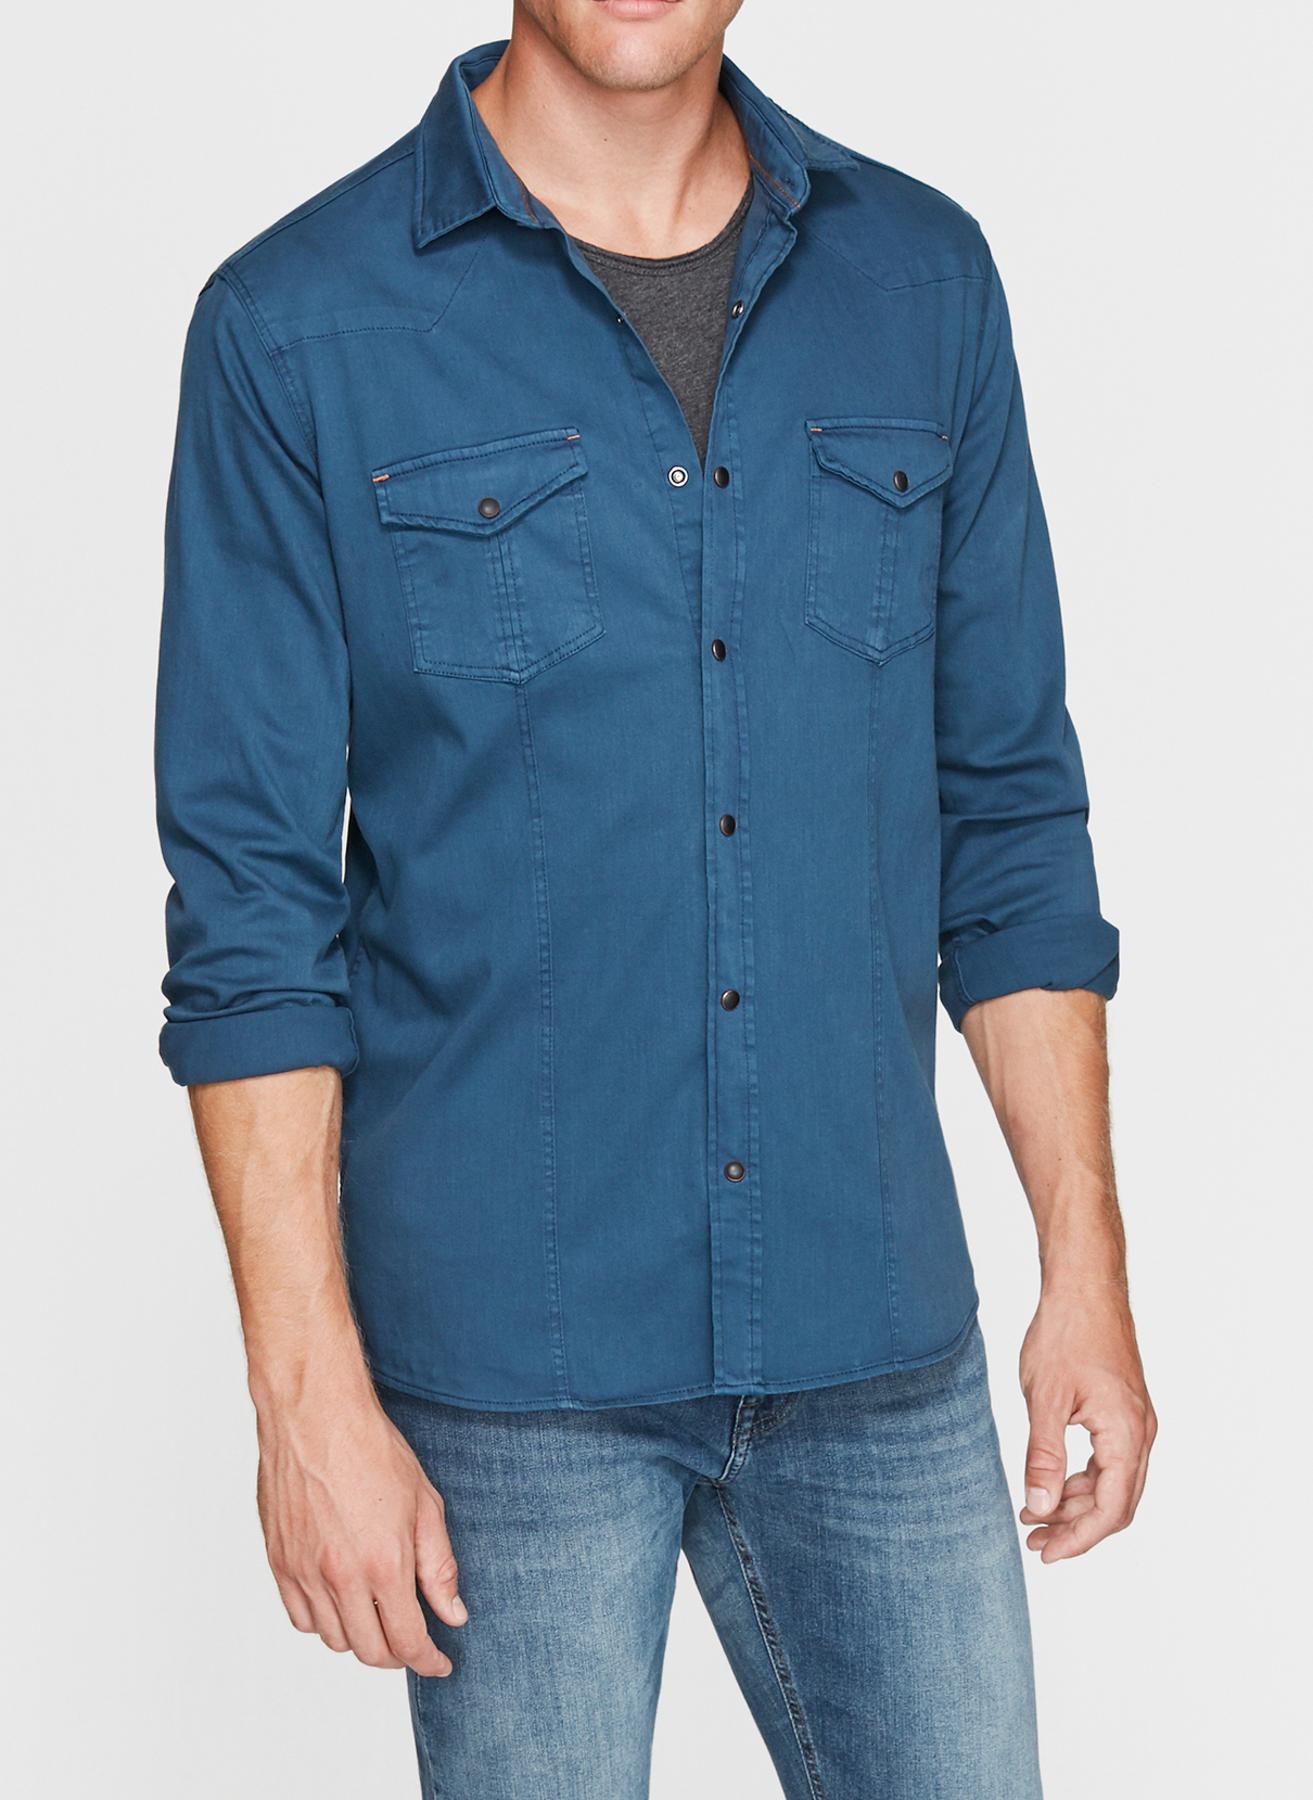 Mavi Gömlek L 5001634401001 Ürün Resmi